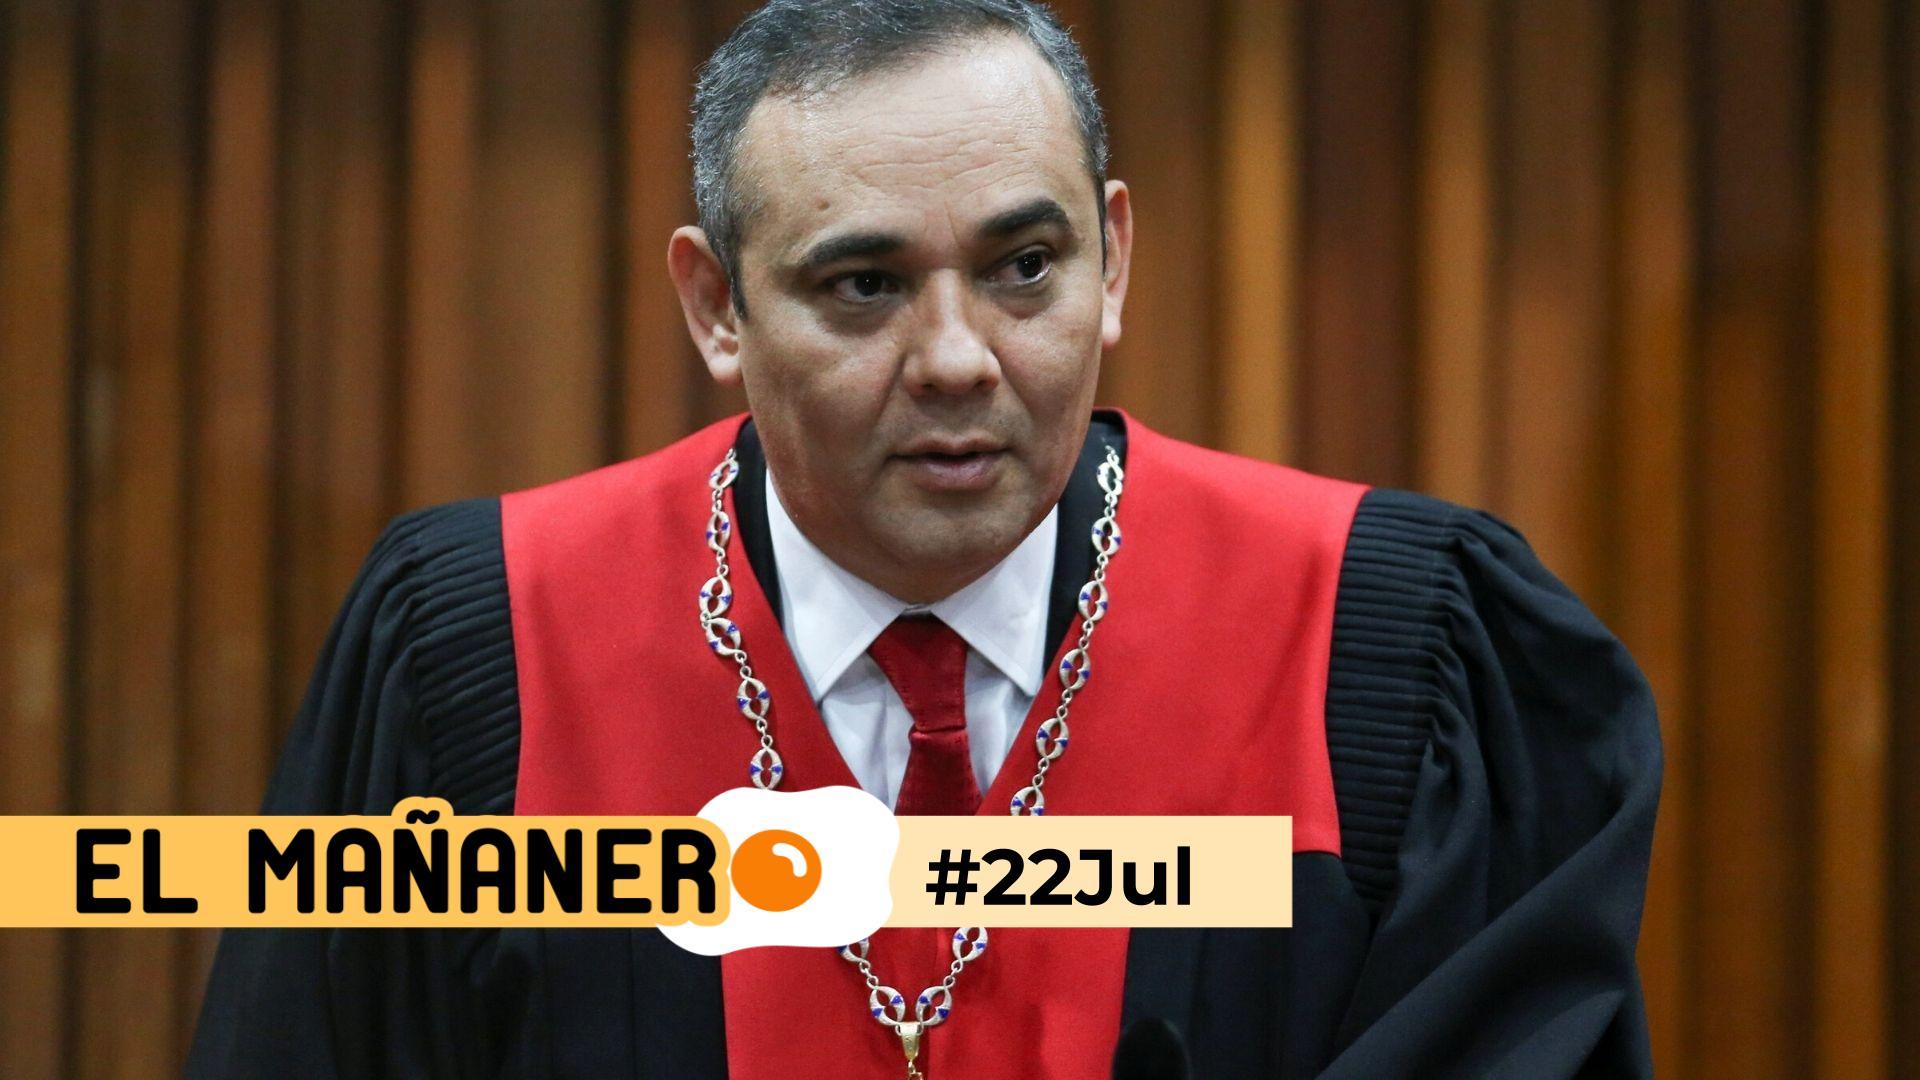 El Mañanero de hoy #22Jul: Las 8 noticias que debes saber